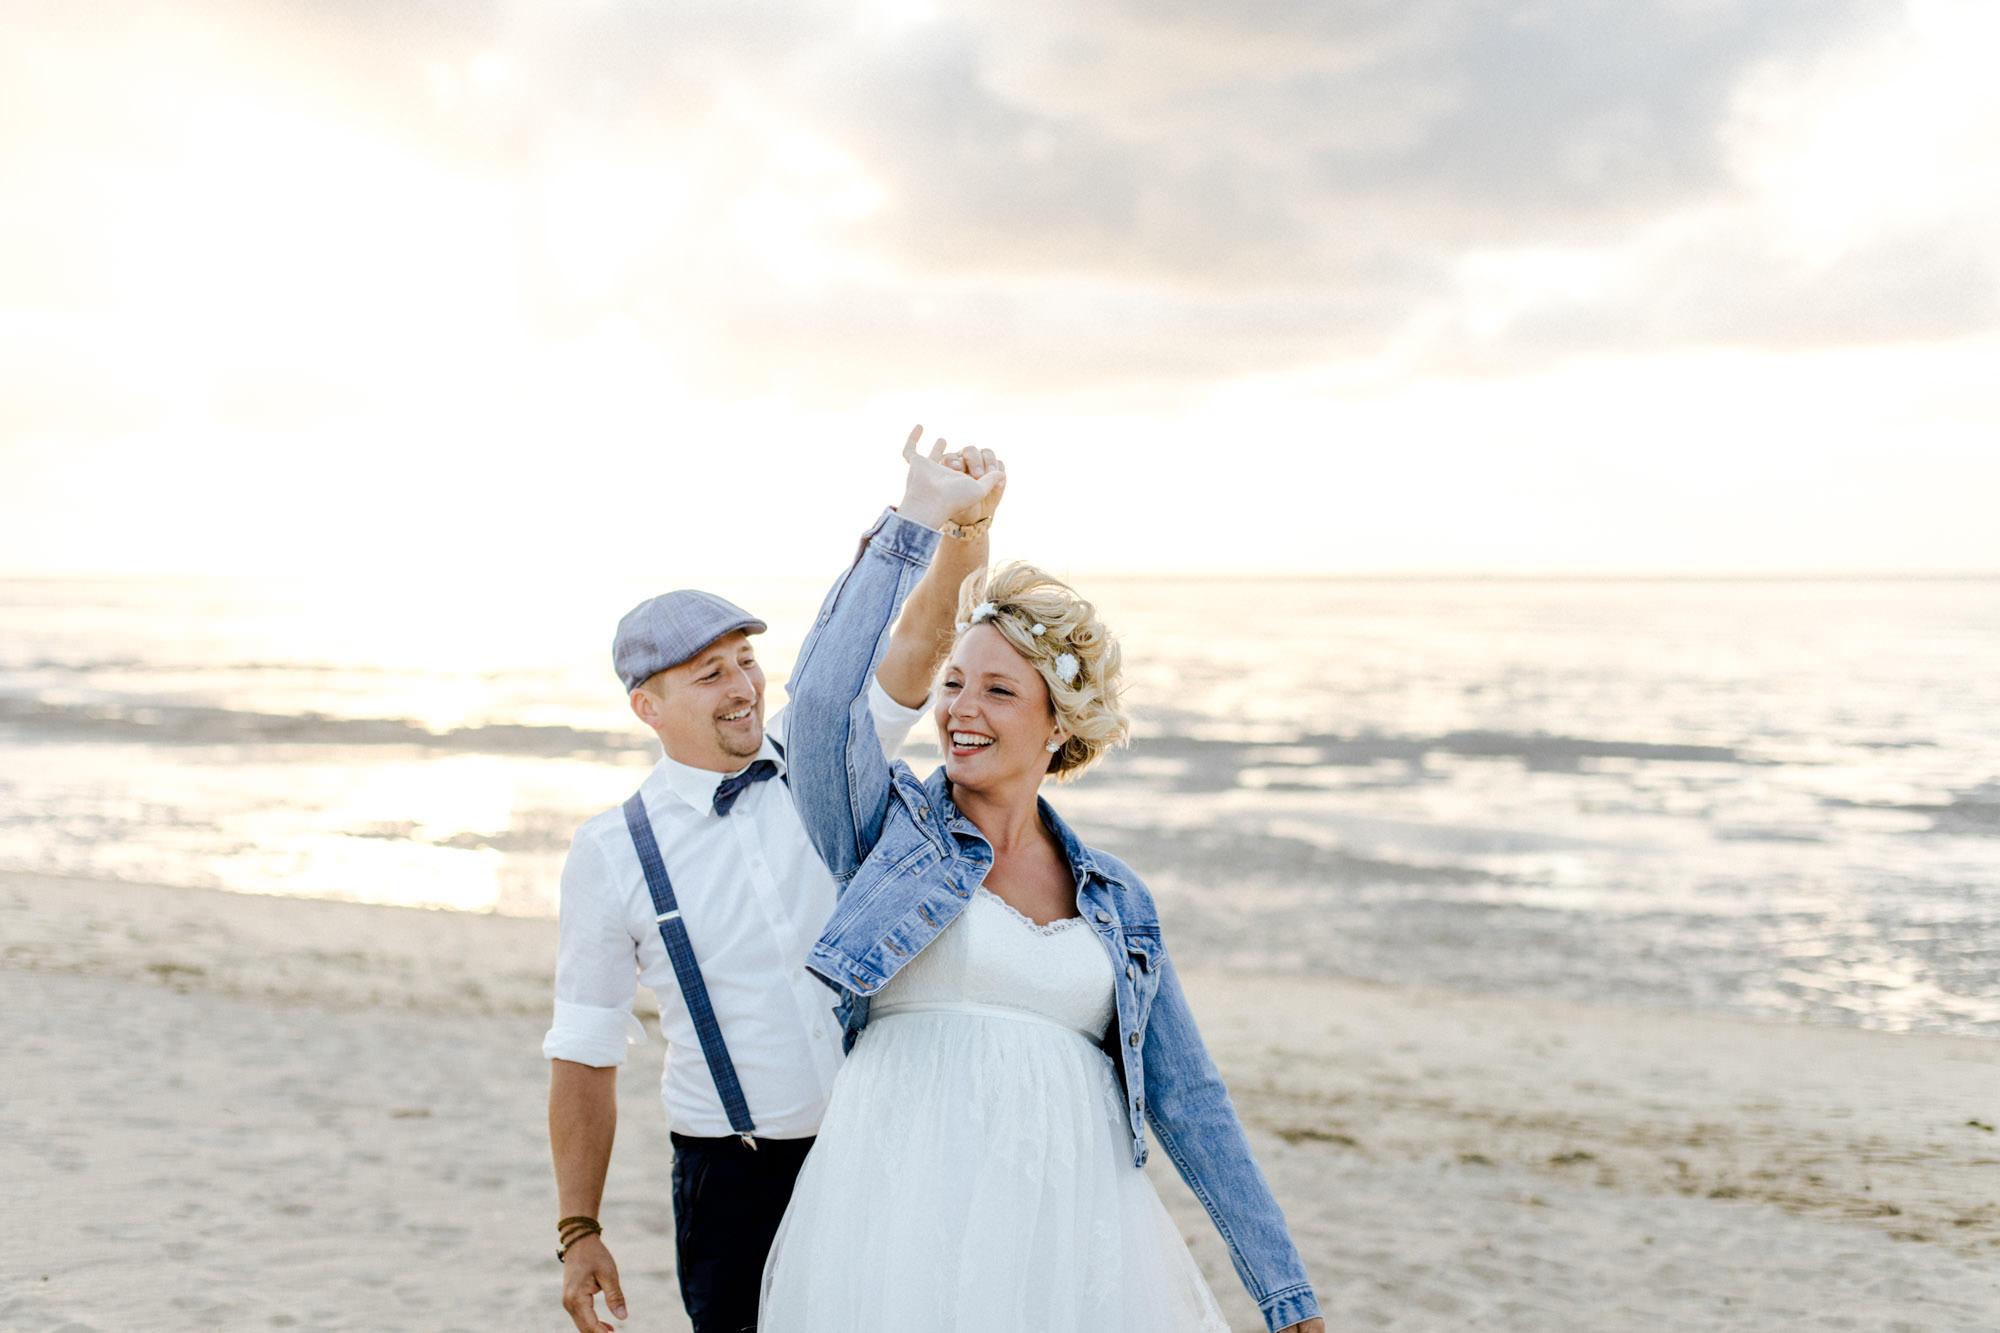 Hochzeitsreportage im Cuxhaven, Leuchtturm Dicke Berta, Hochzeitsshooting am Strand von Cuxhaven